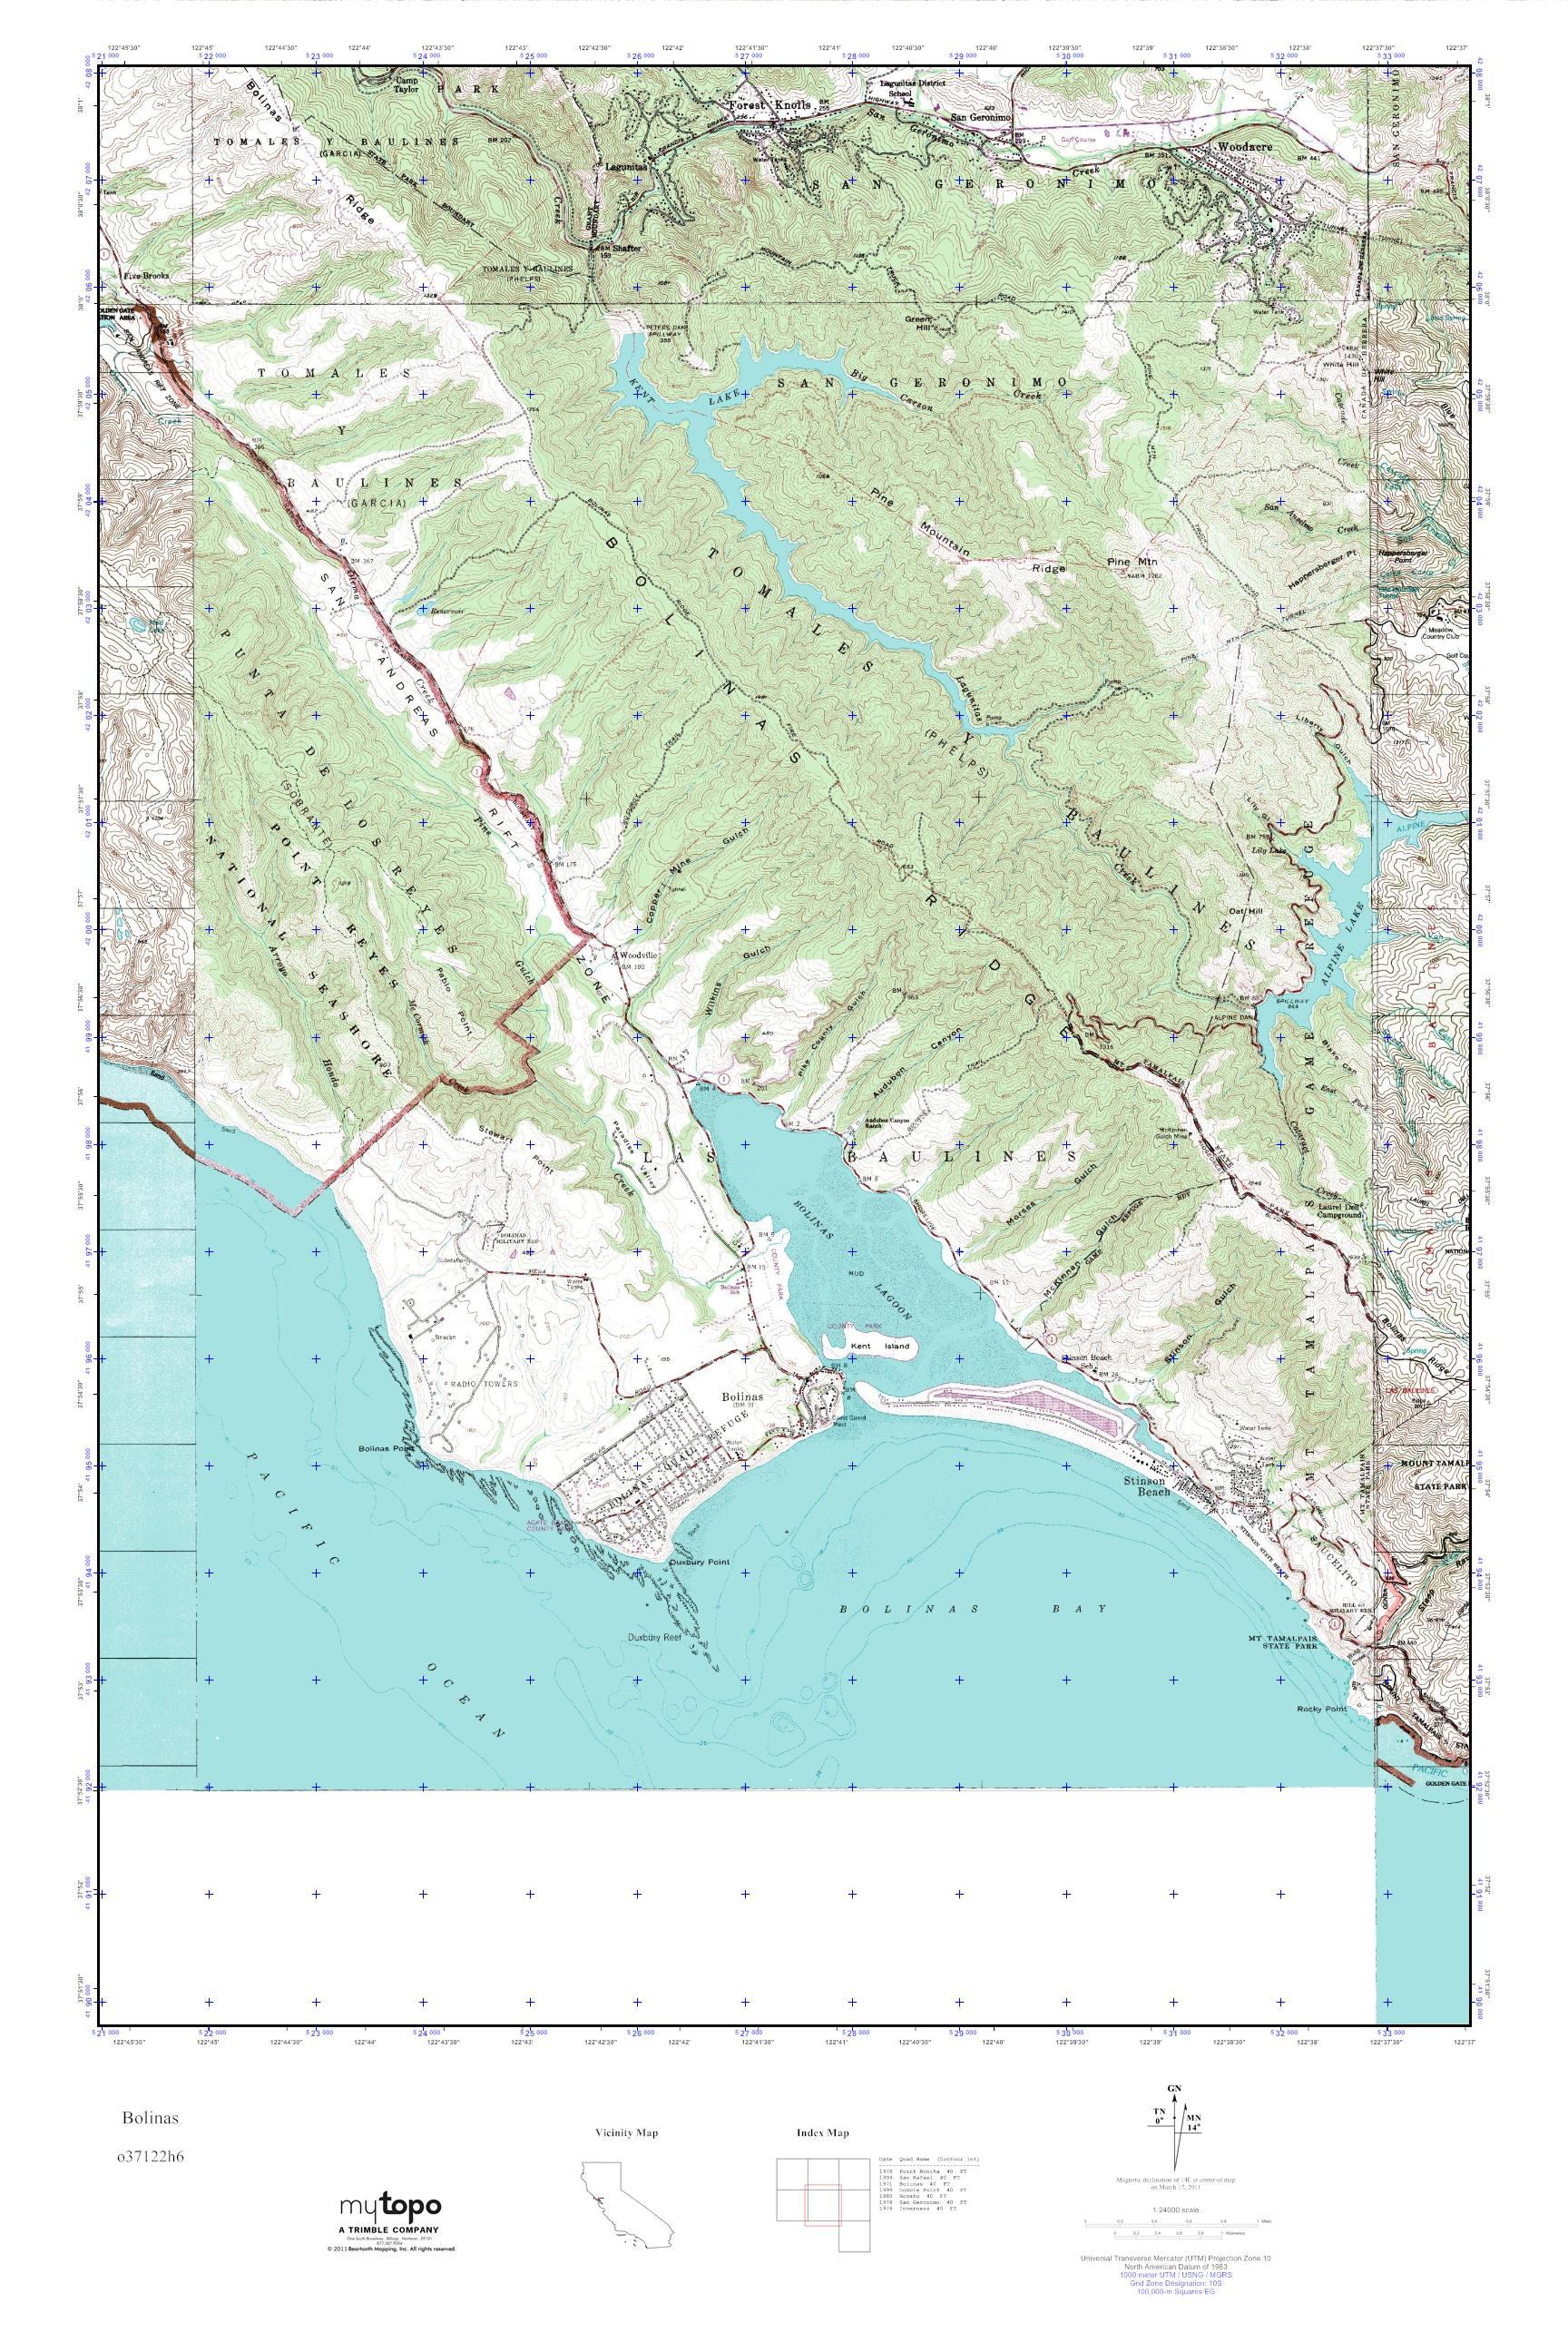 Bolinas Map